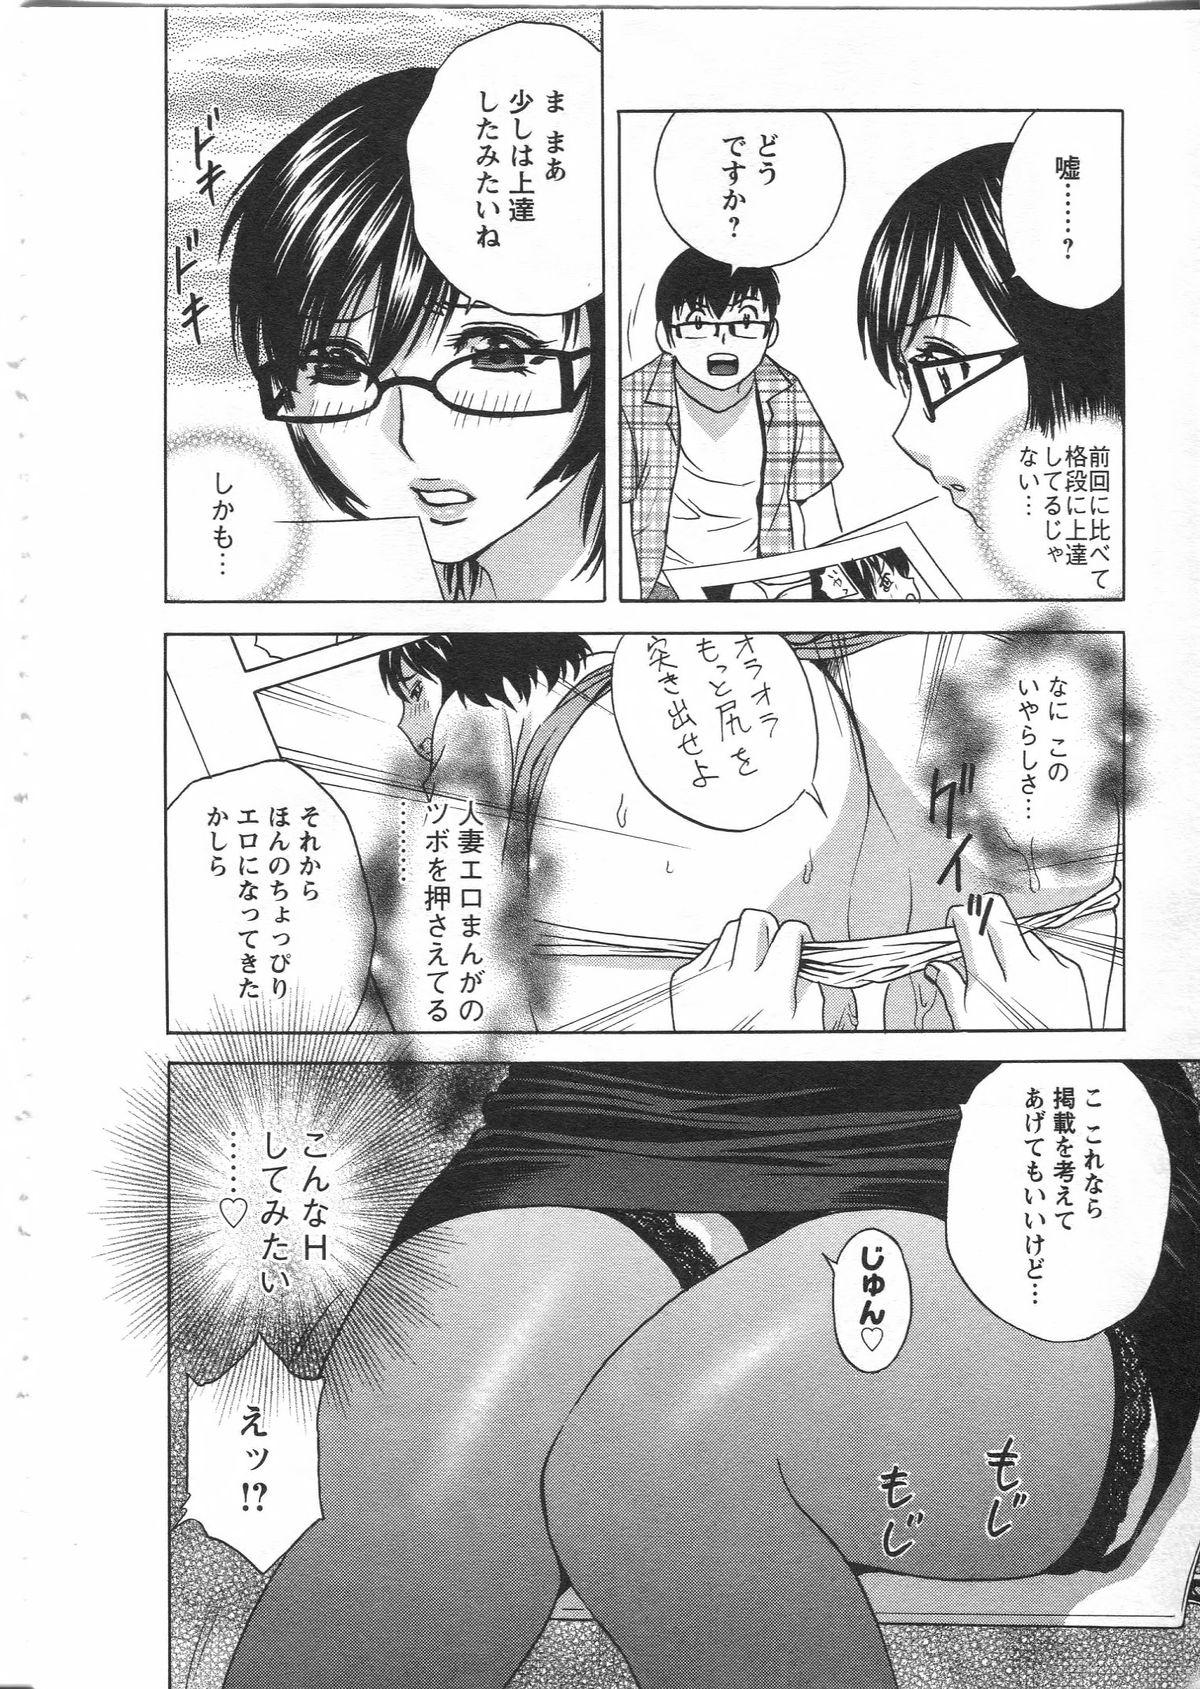 Manga no youna Hitozuma to no Hibi - Days with Married Women such as Comics. 103